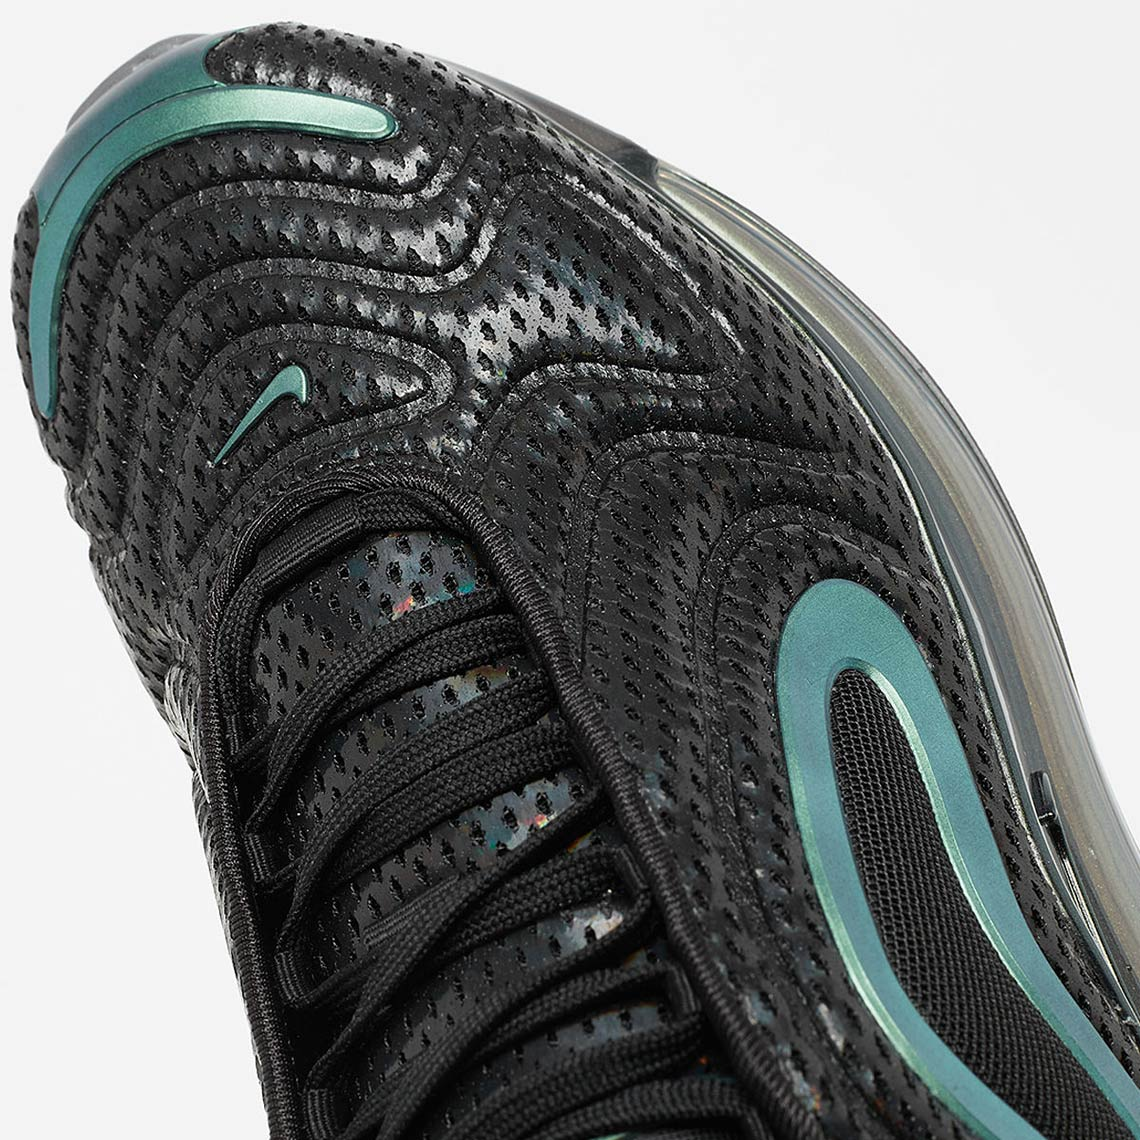 de183f7a9c4b3 Nike Air Max 720 Throwback Future AO2924-003 Store List ...